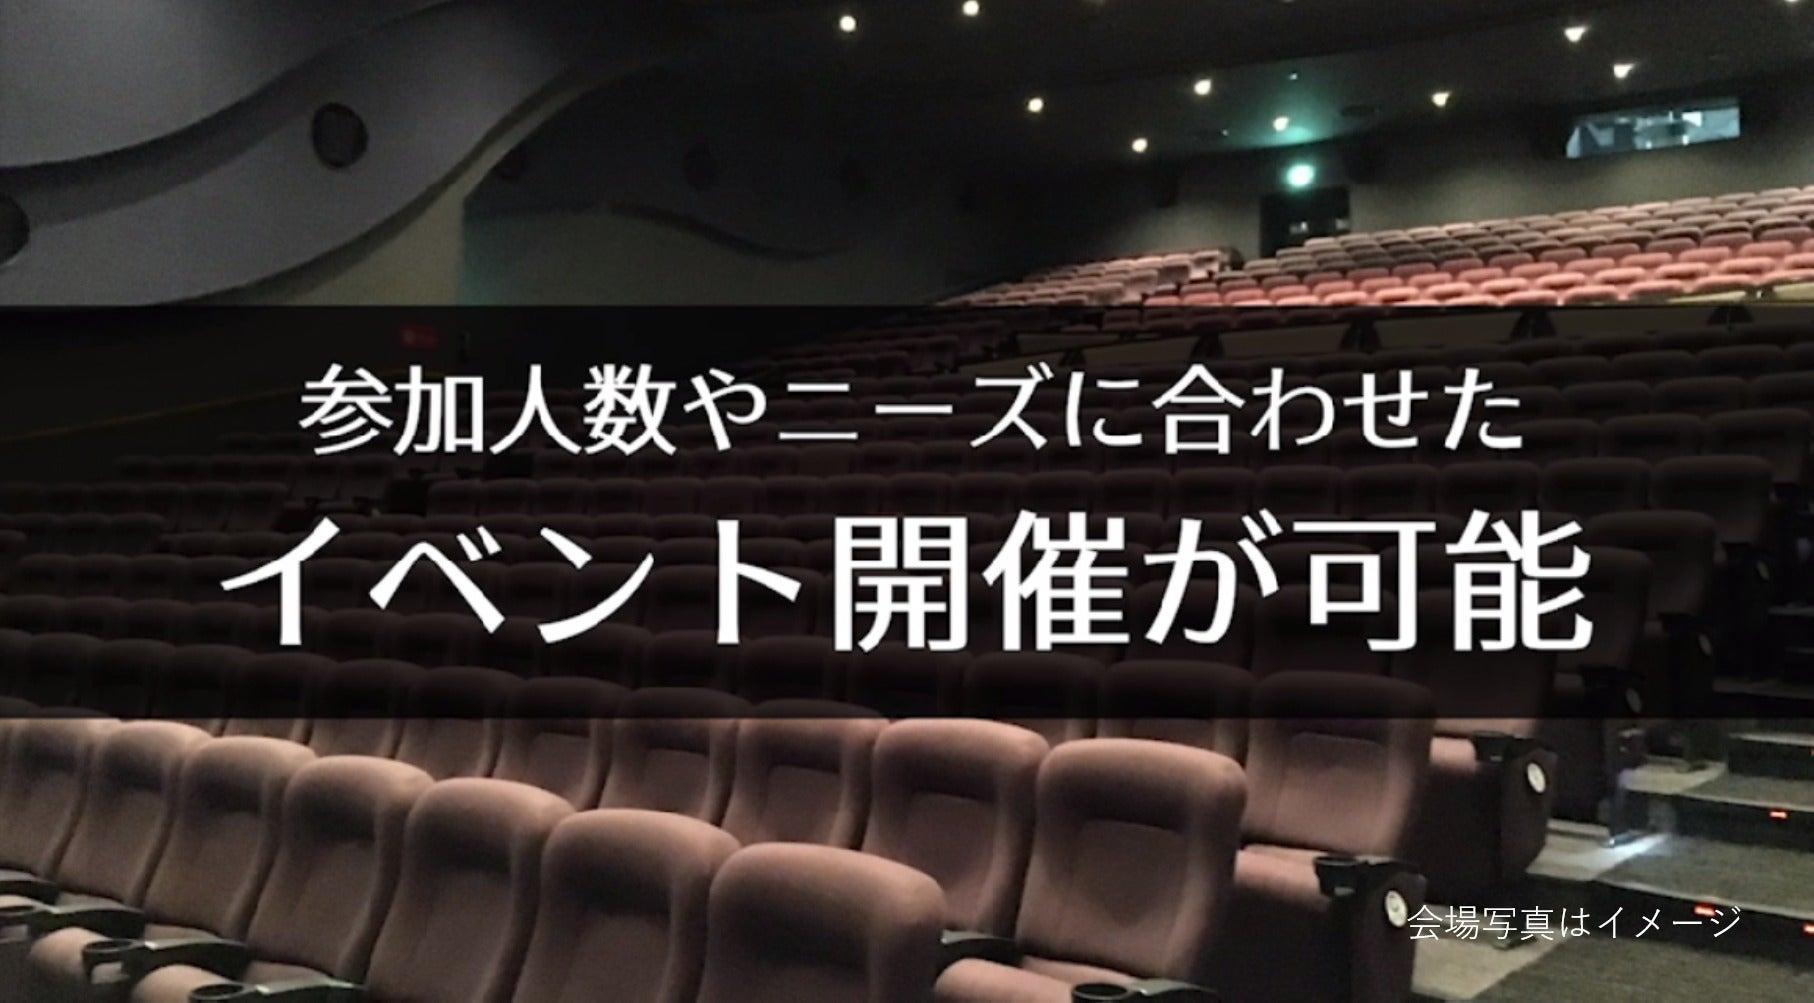 【橿原 170席】映画館で、会社説明会、株主総会、講演会の企画はいかがですか?